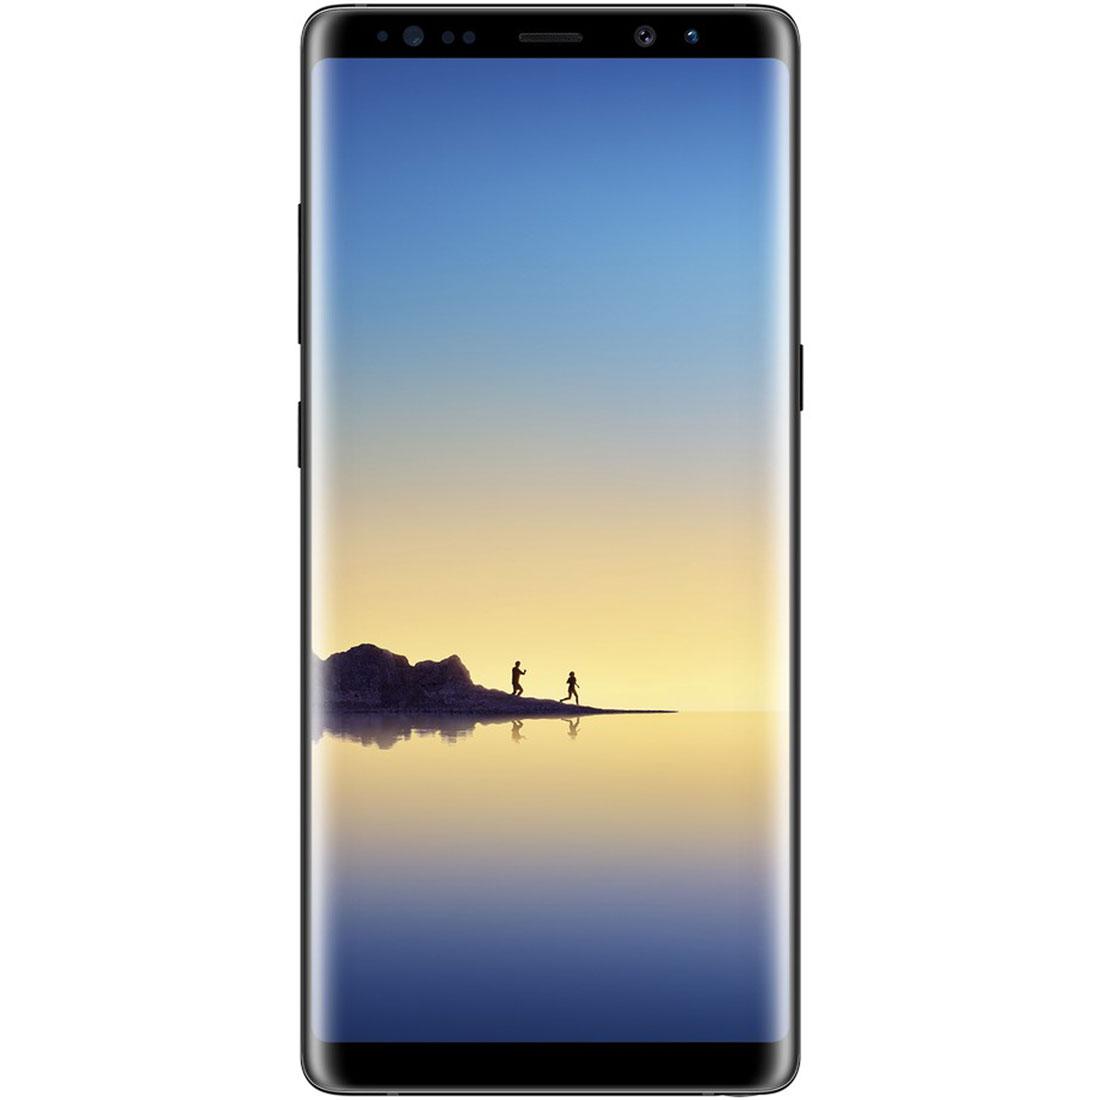 Le smartphone Samsung Galaxy Note8.